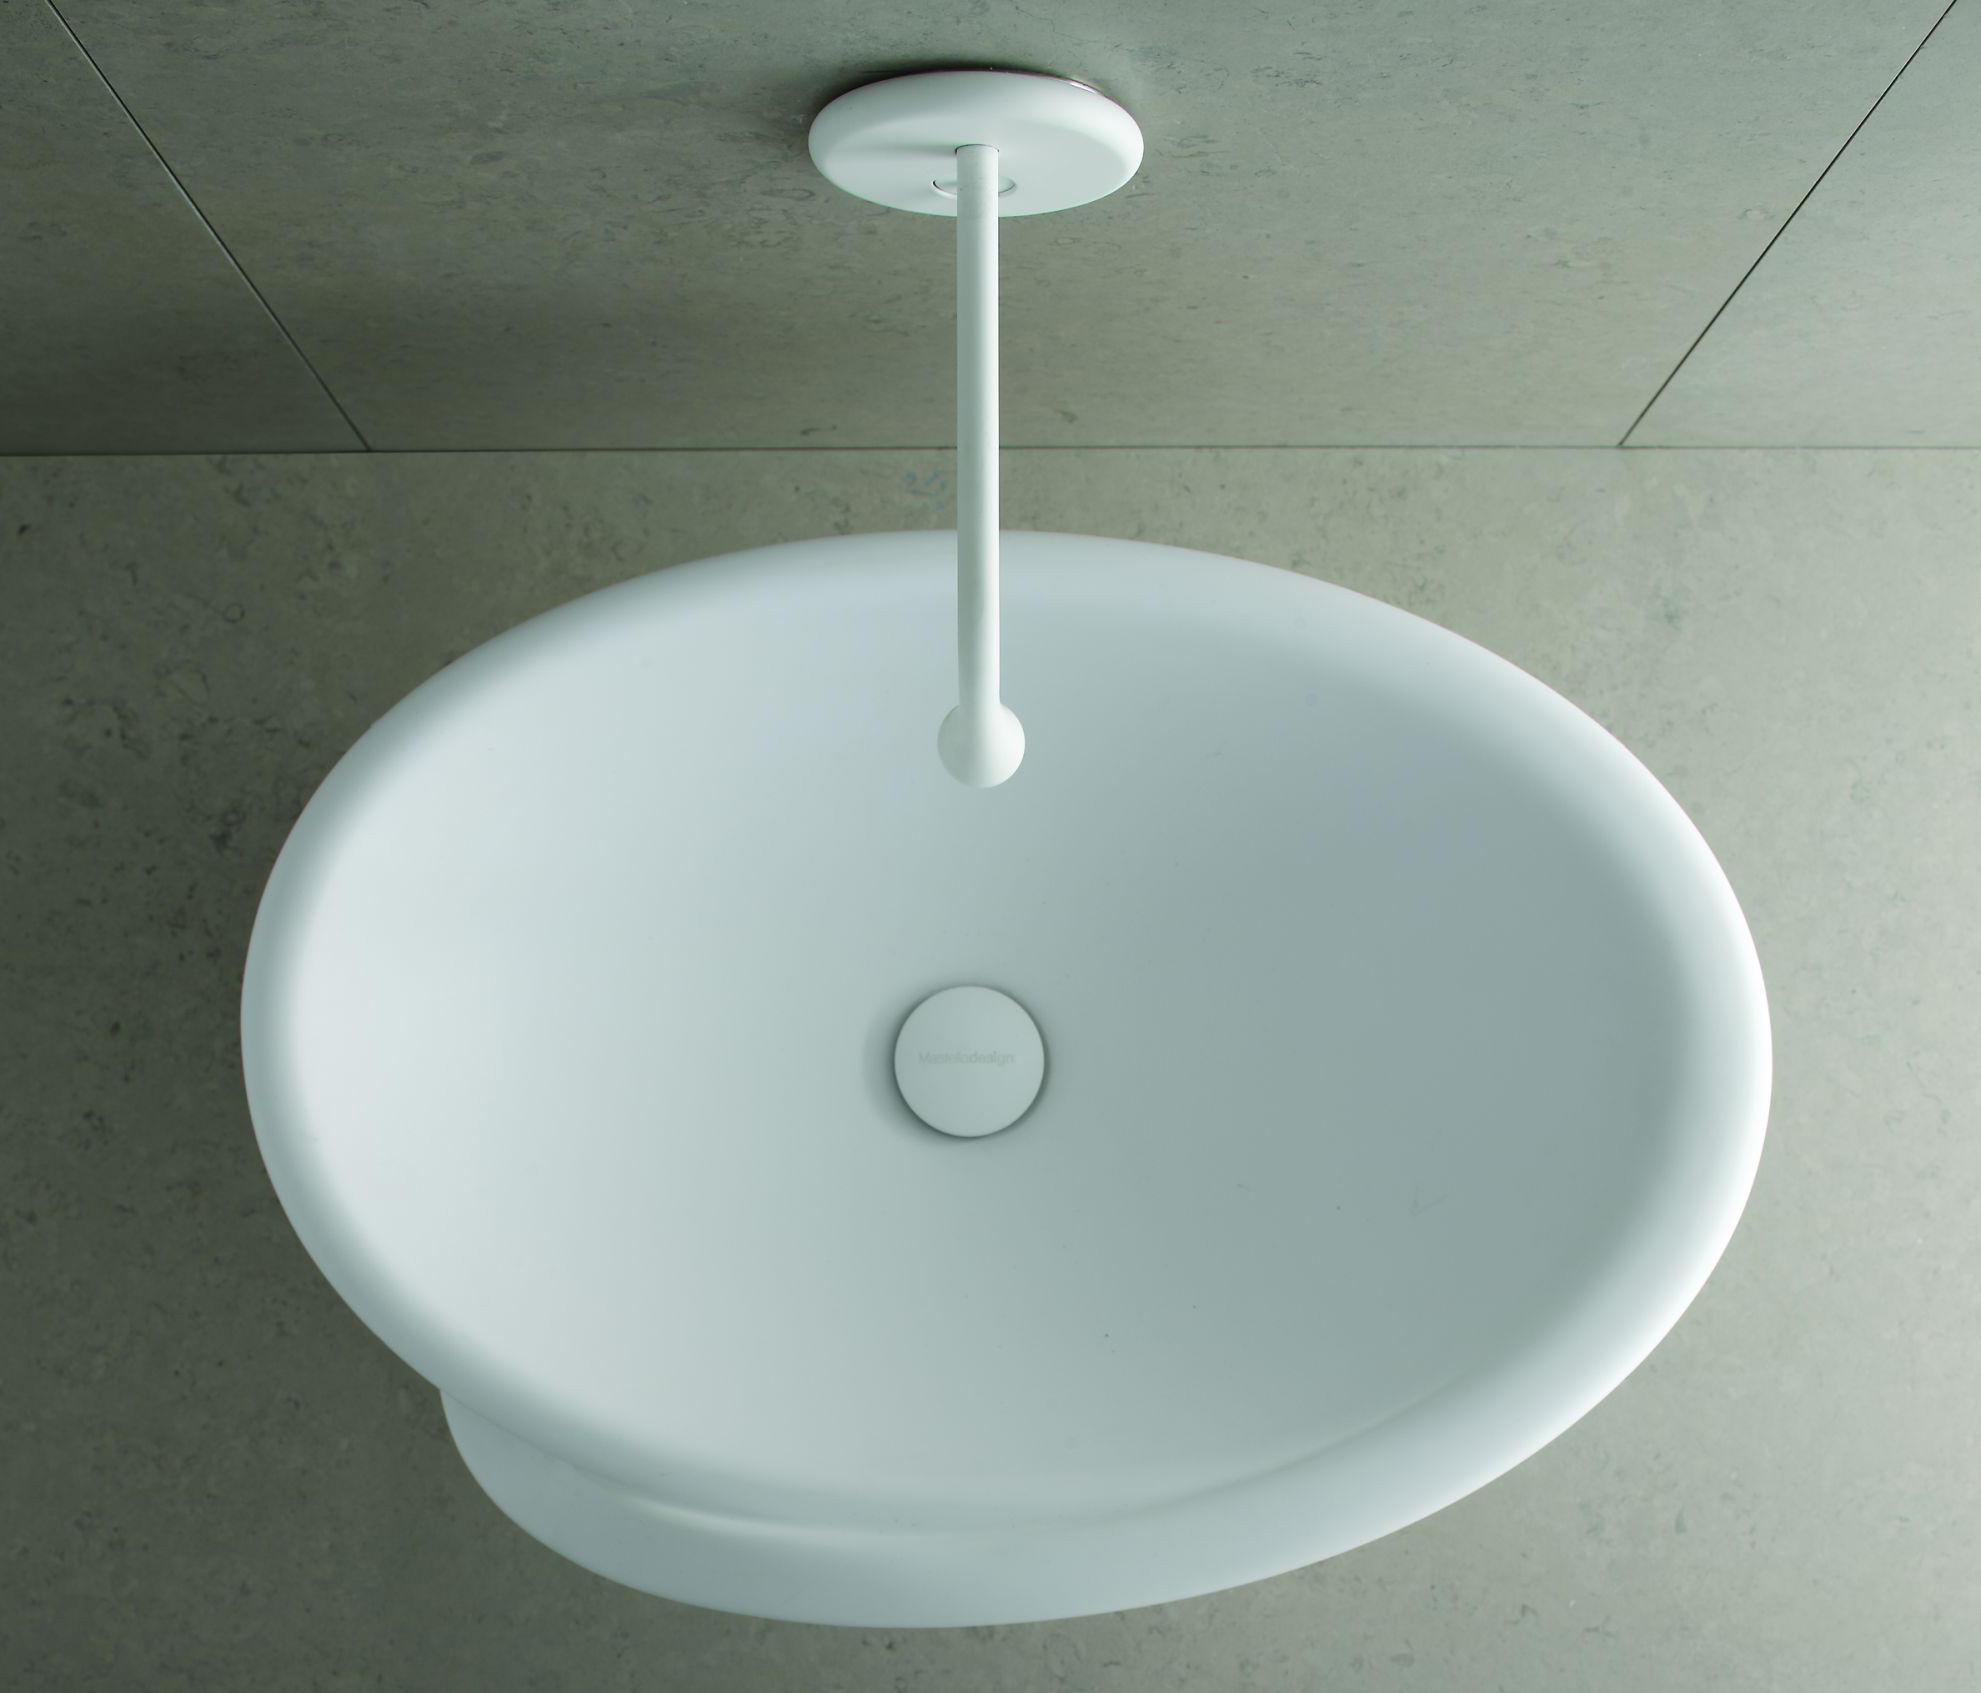 kallashort waschtische von mastella design architonic. Black Bedroom Furniture Sets. Home Design Ideas